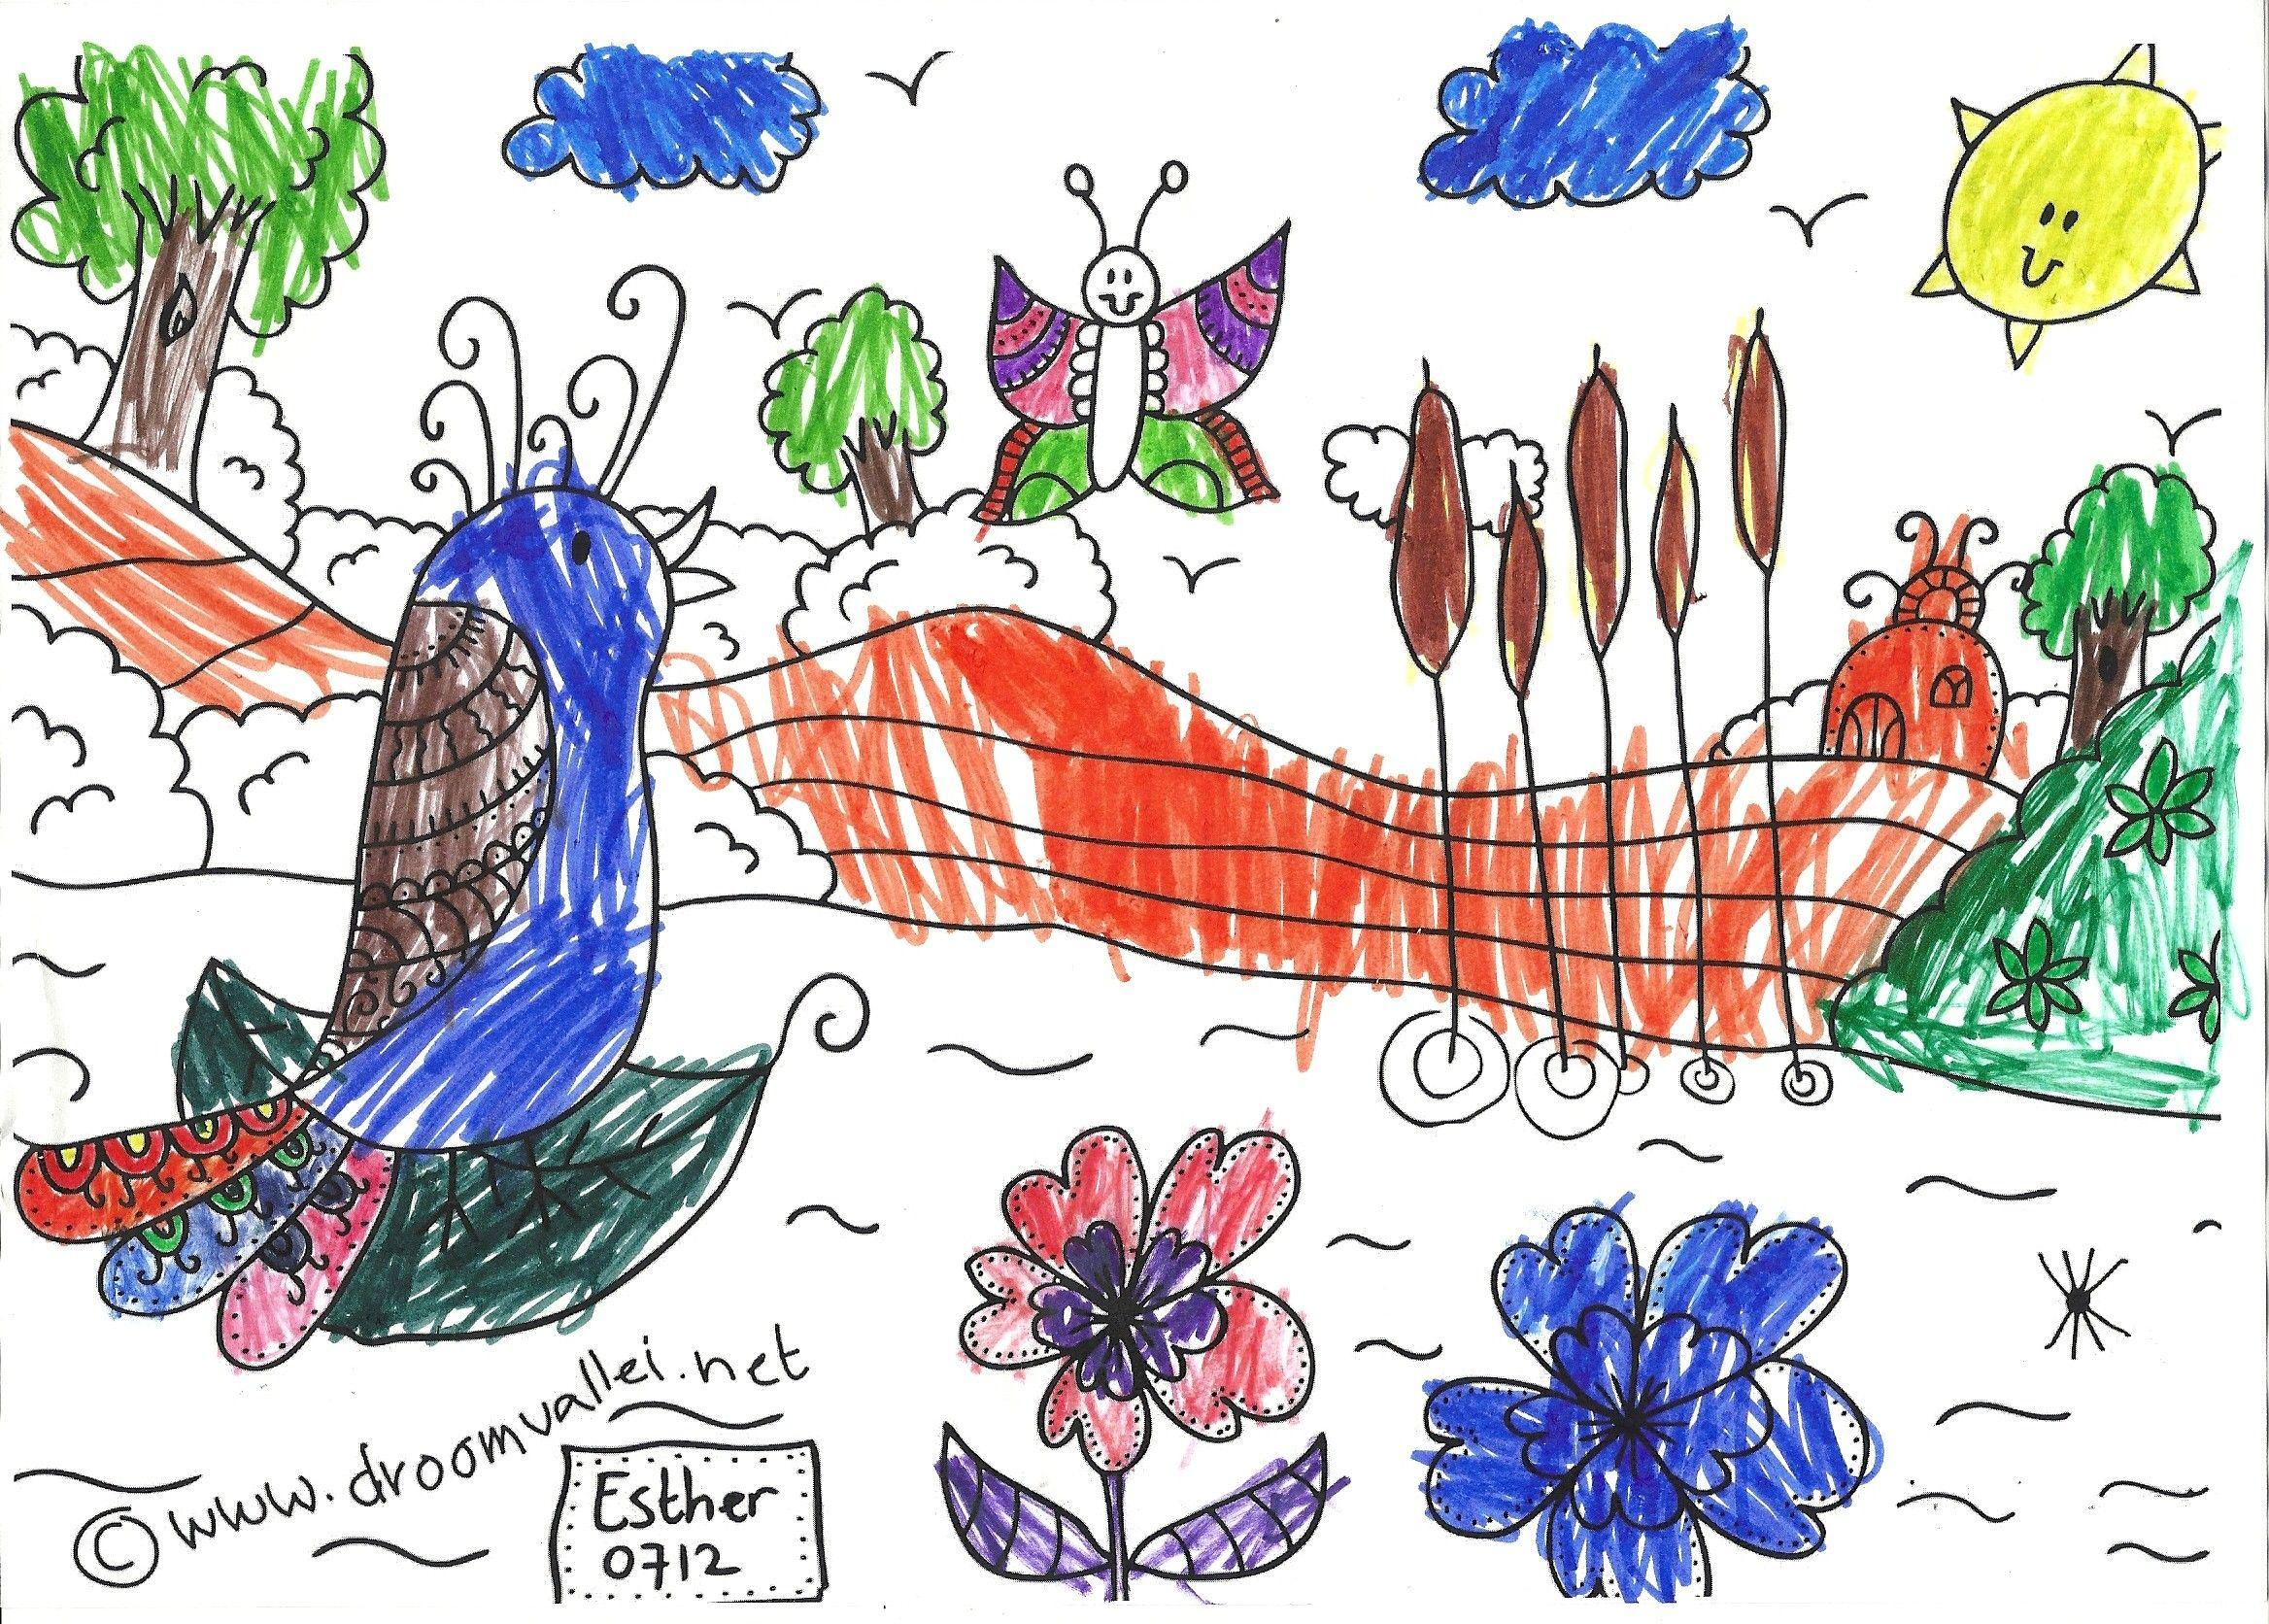 De Droomvallei Vogel Vera Kleurwedstrijd Is In Volle Gang Wat Een Mooie Kleurplaten Komen Er Binnen Deze Is Van Een Zesjarig Meisje Nynke Kleurplaten Vogels